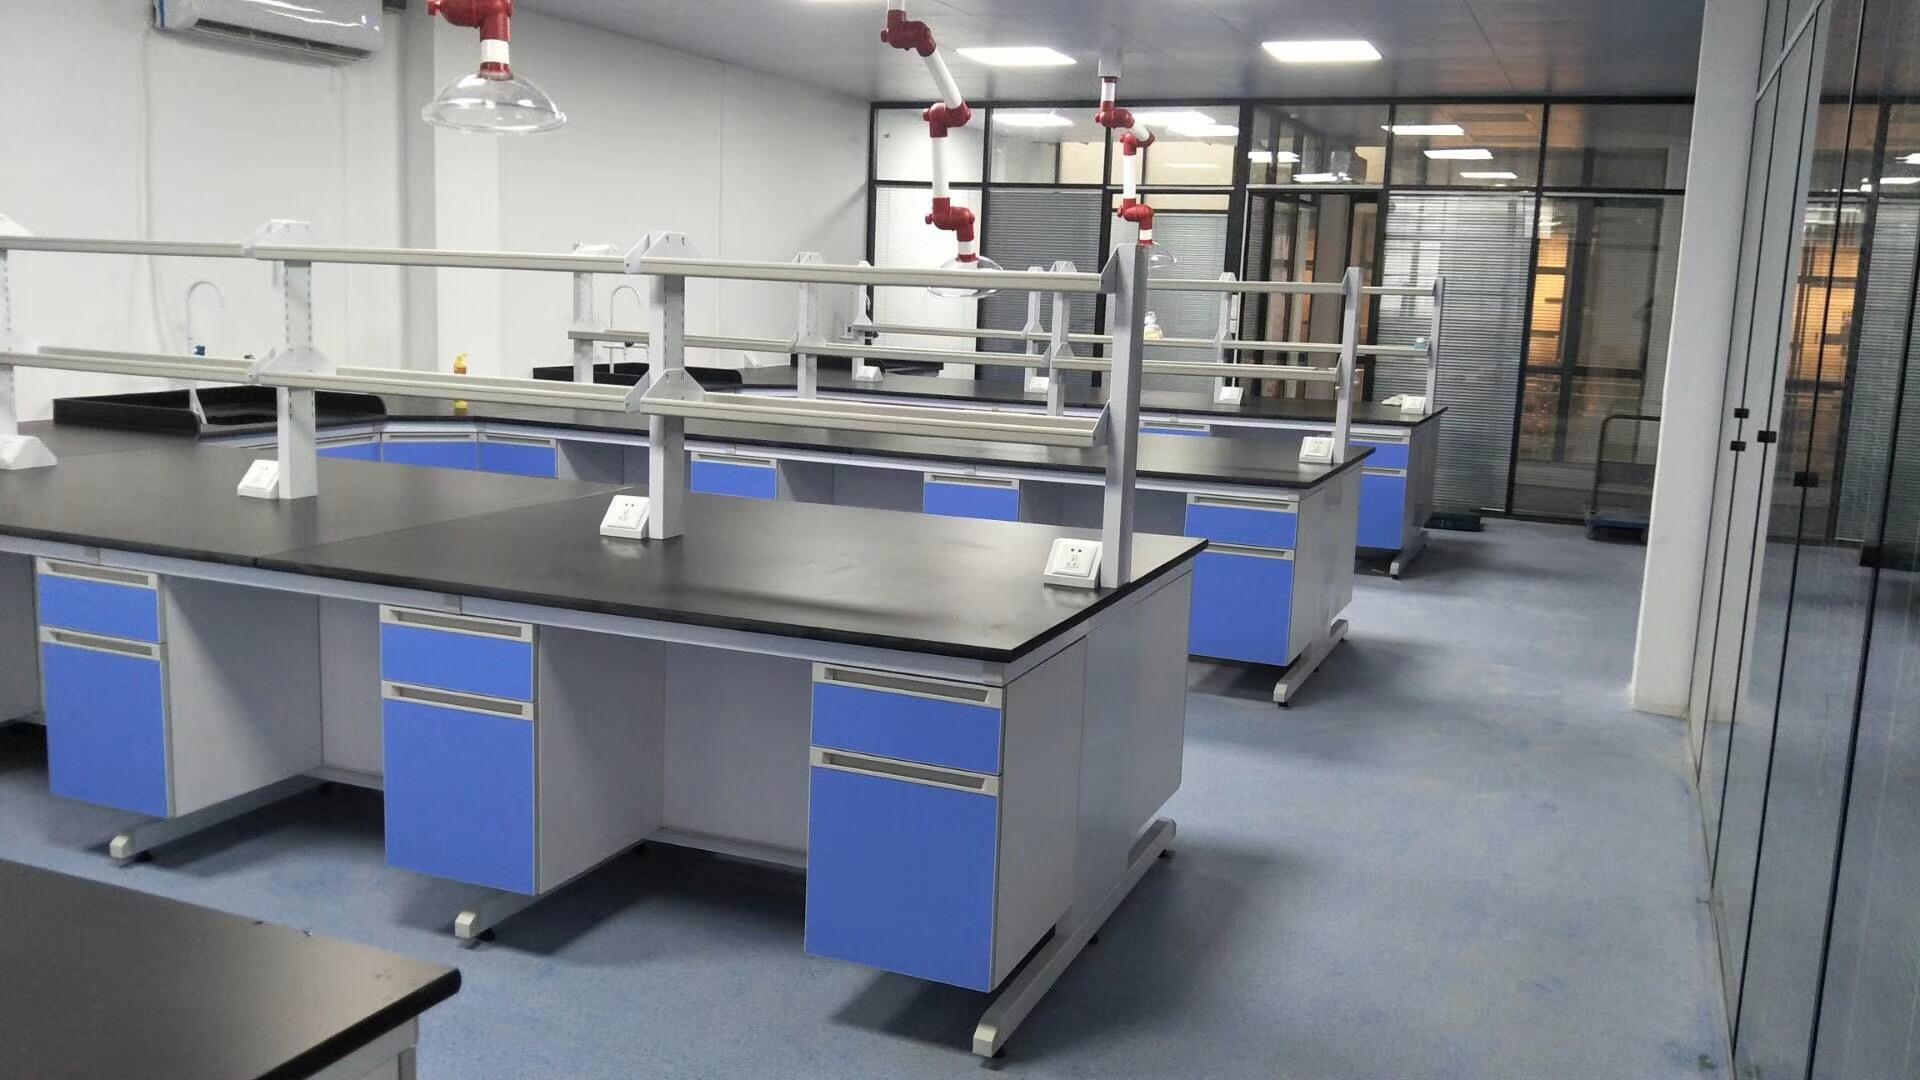 廣州力賽計量檢測有限公司|工程案例-廣州瀚宇實驗室設備有限公司